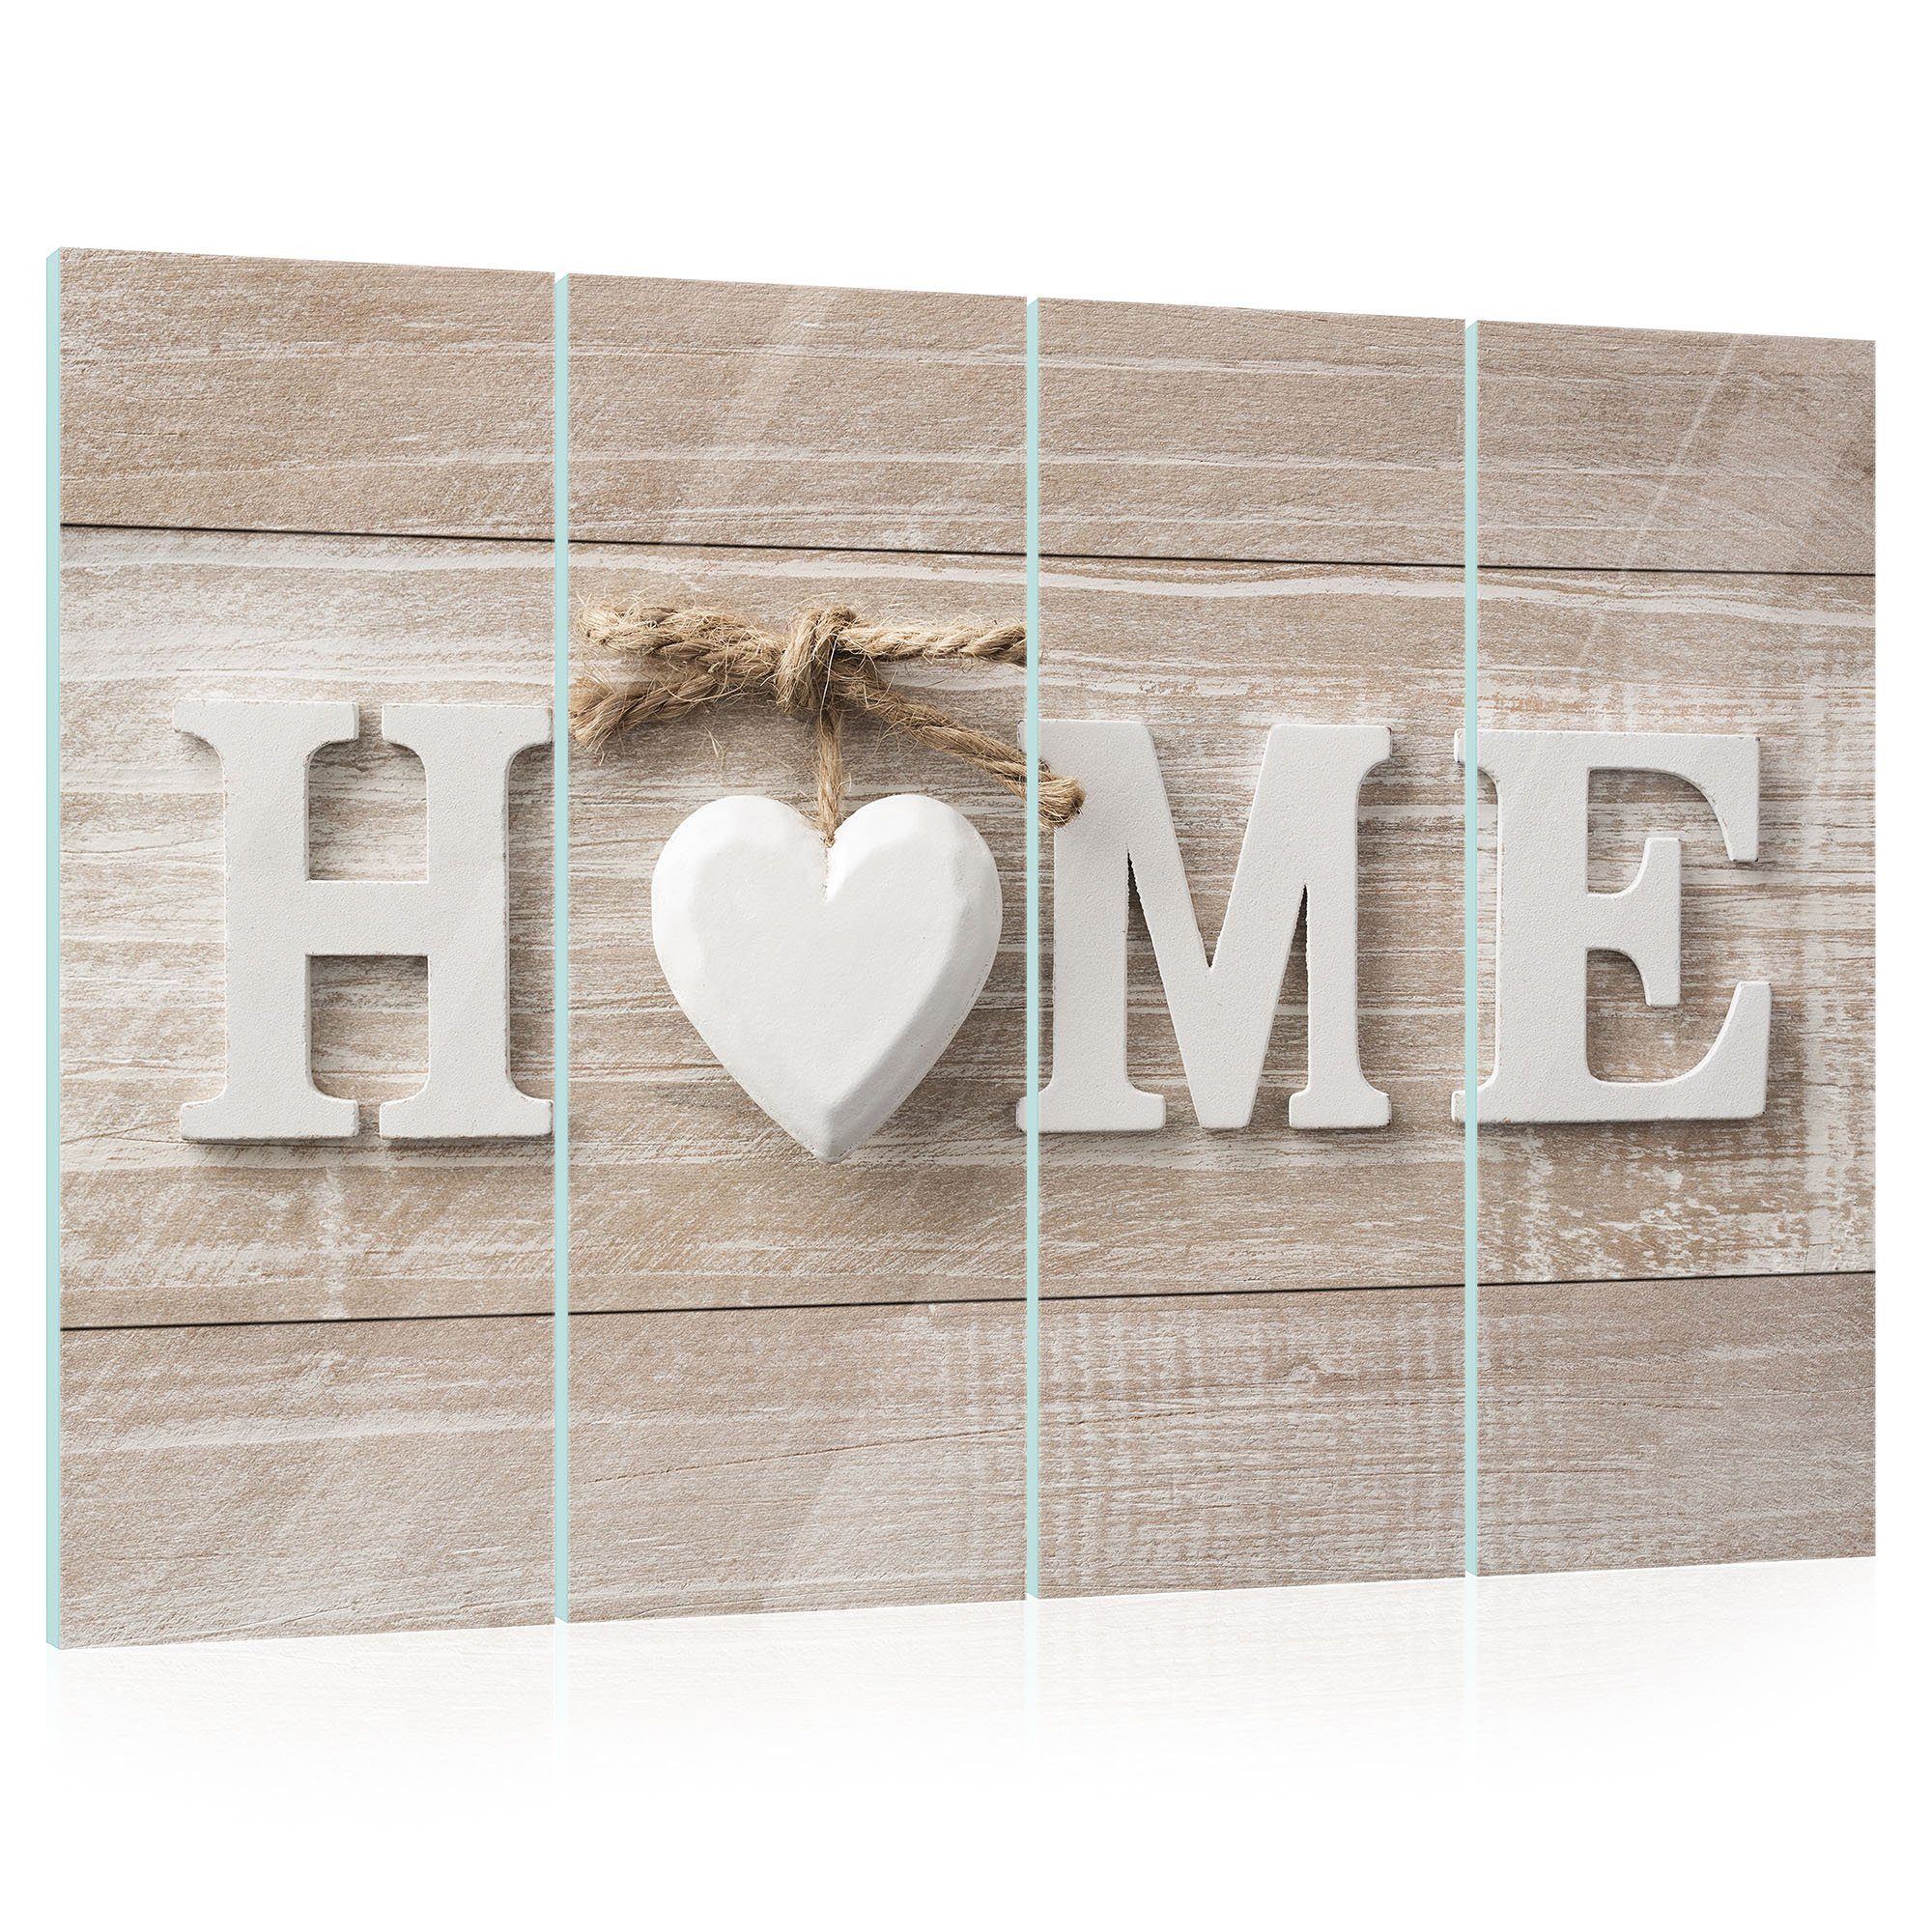 glasbild home weltderbilder. Black Bedroom Furniture Sets. Home Design Ideas